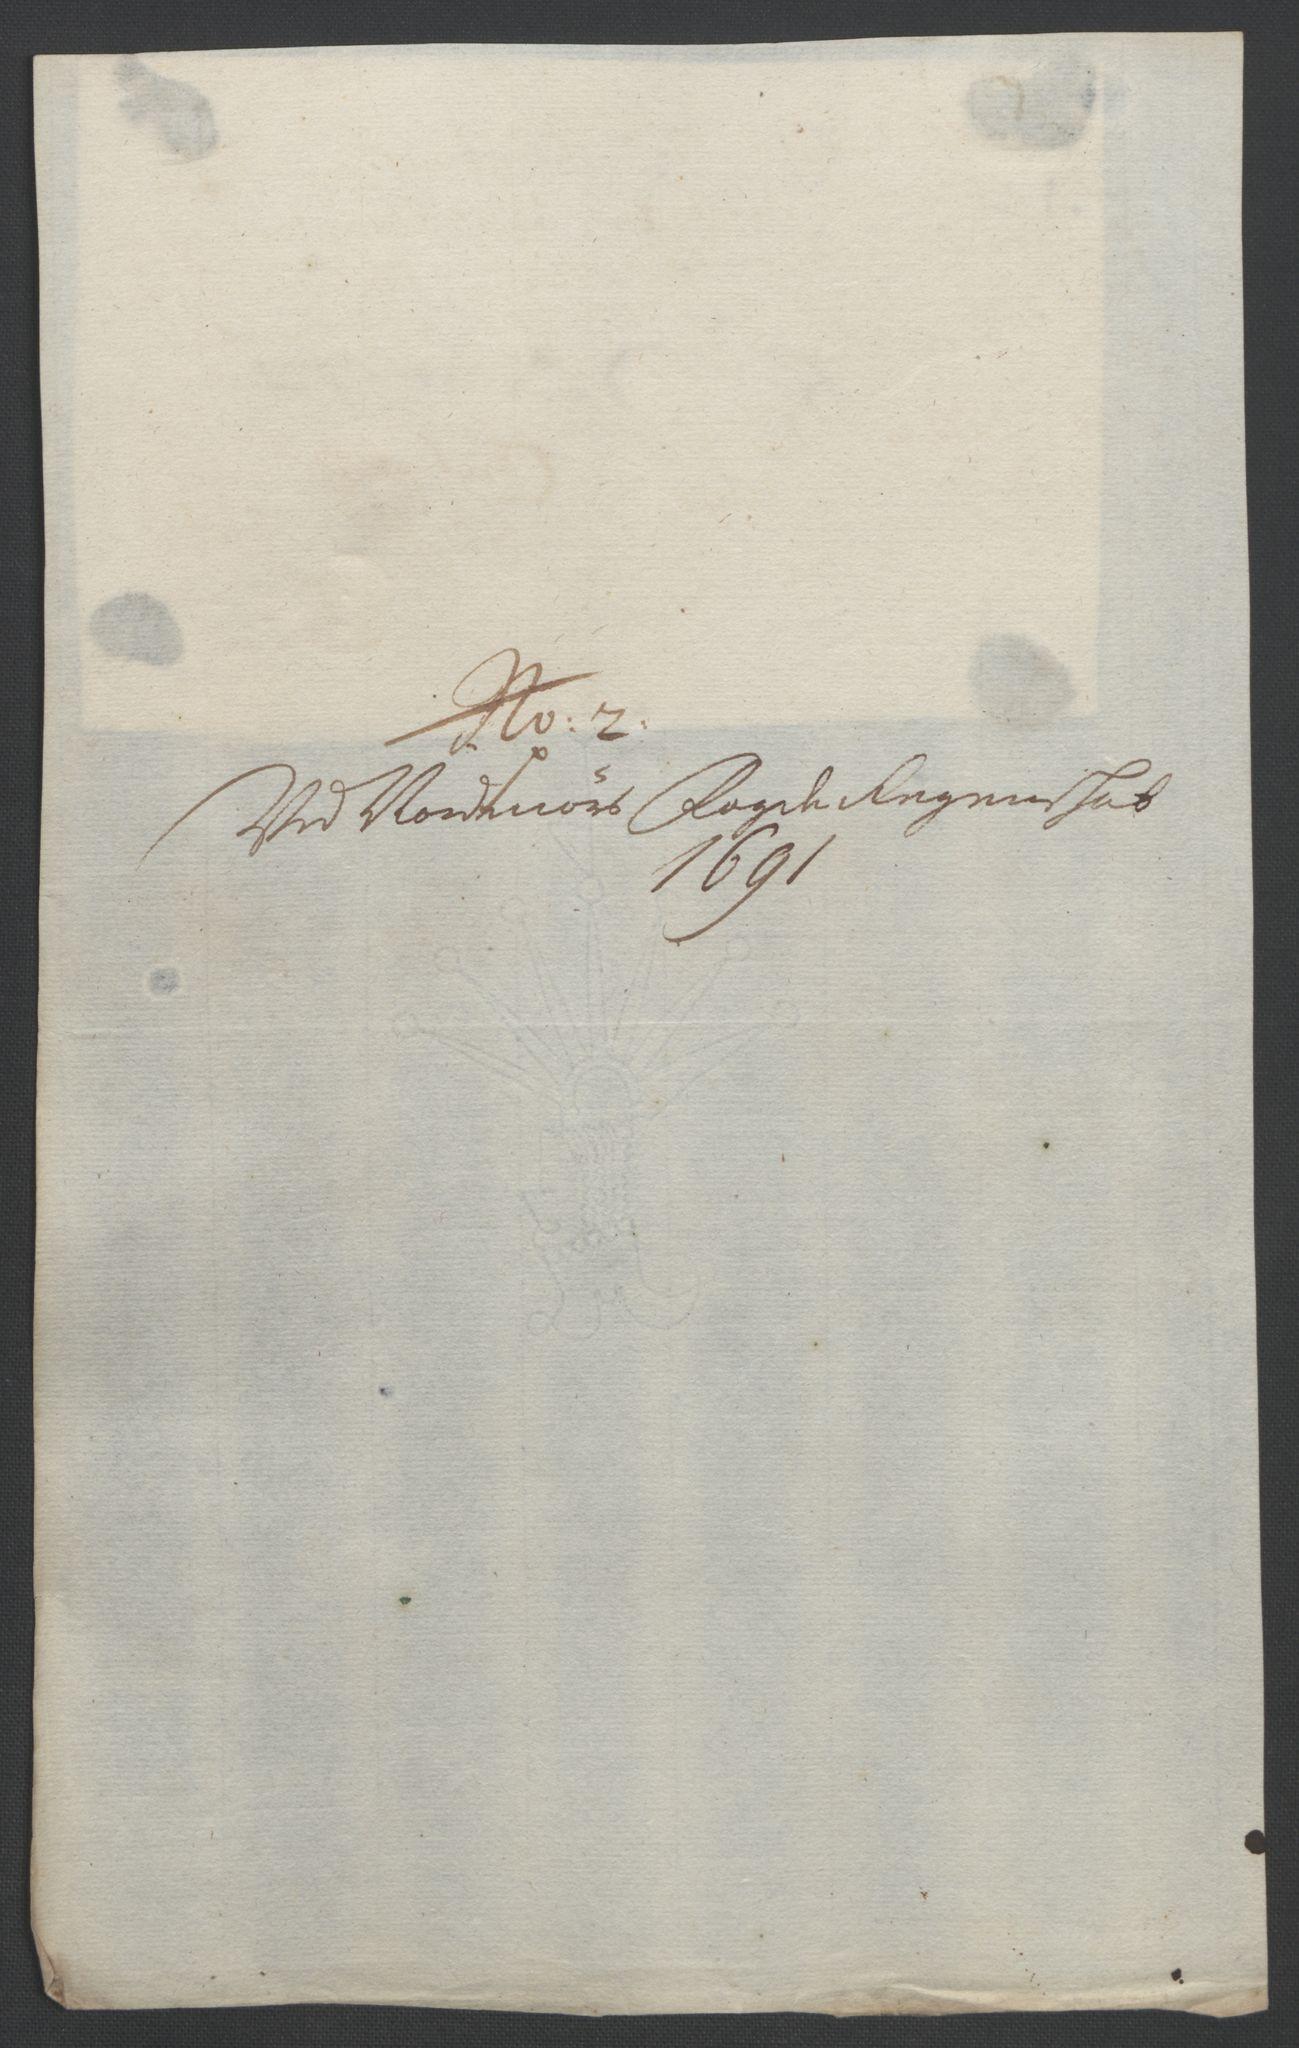 RA, Rentekammeret inntil 1814, Reviderte regnskaper, Fogderegnskap, R56/L3734: Fogderegnskap Nordmøre, 1690-1691, s. 406